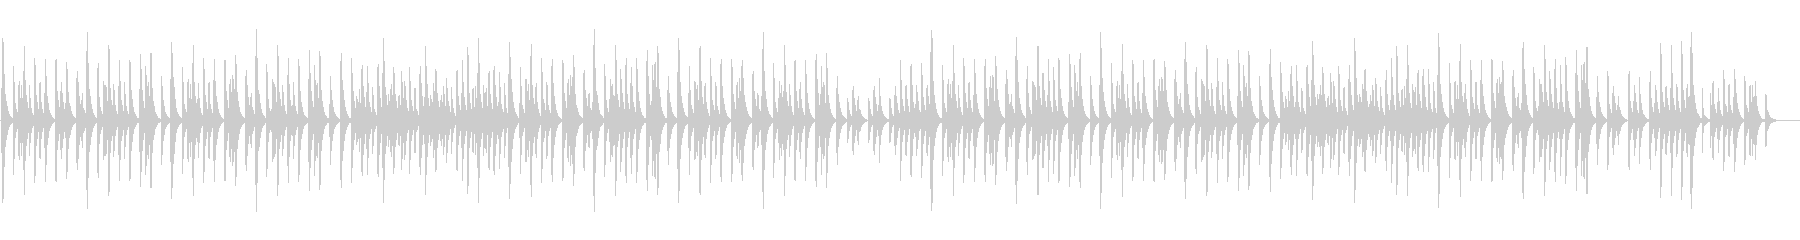 「結婚行進曲」オルゴール ロングver.の未再生の波形